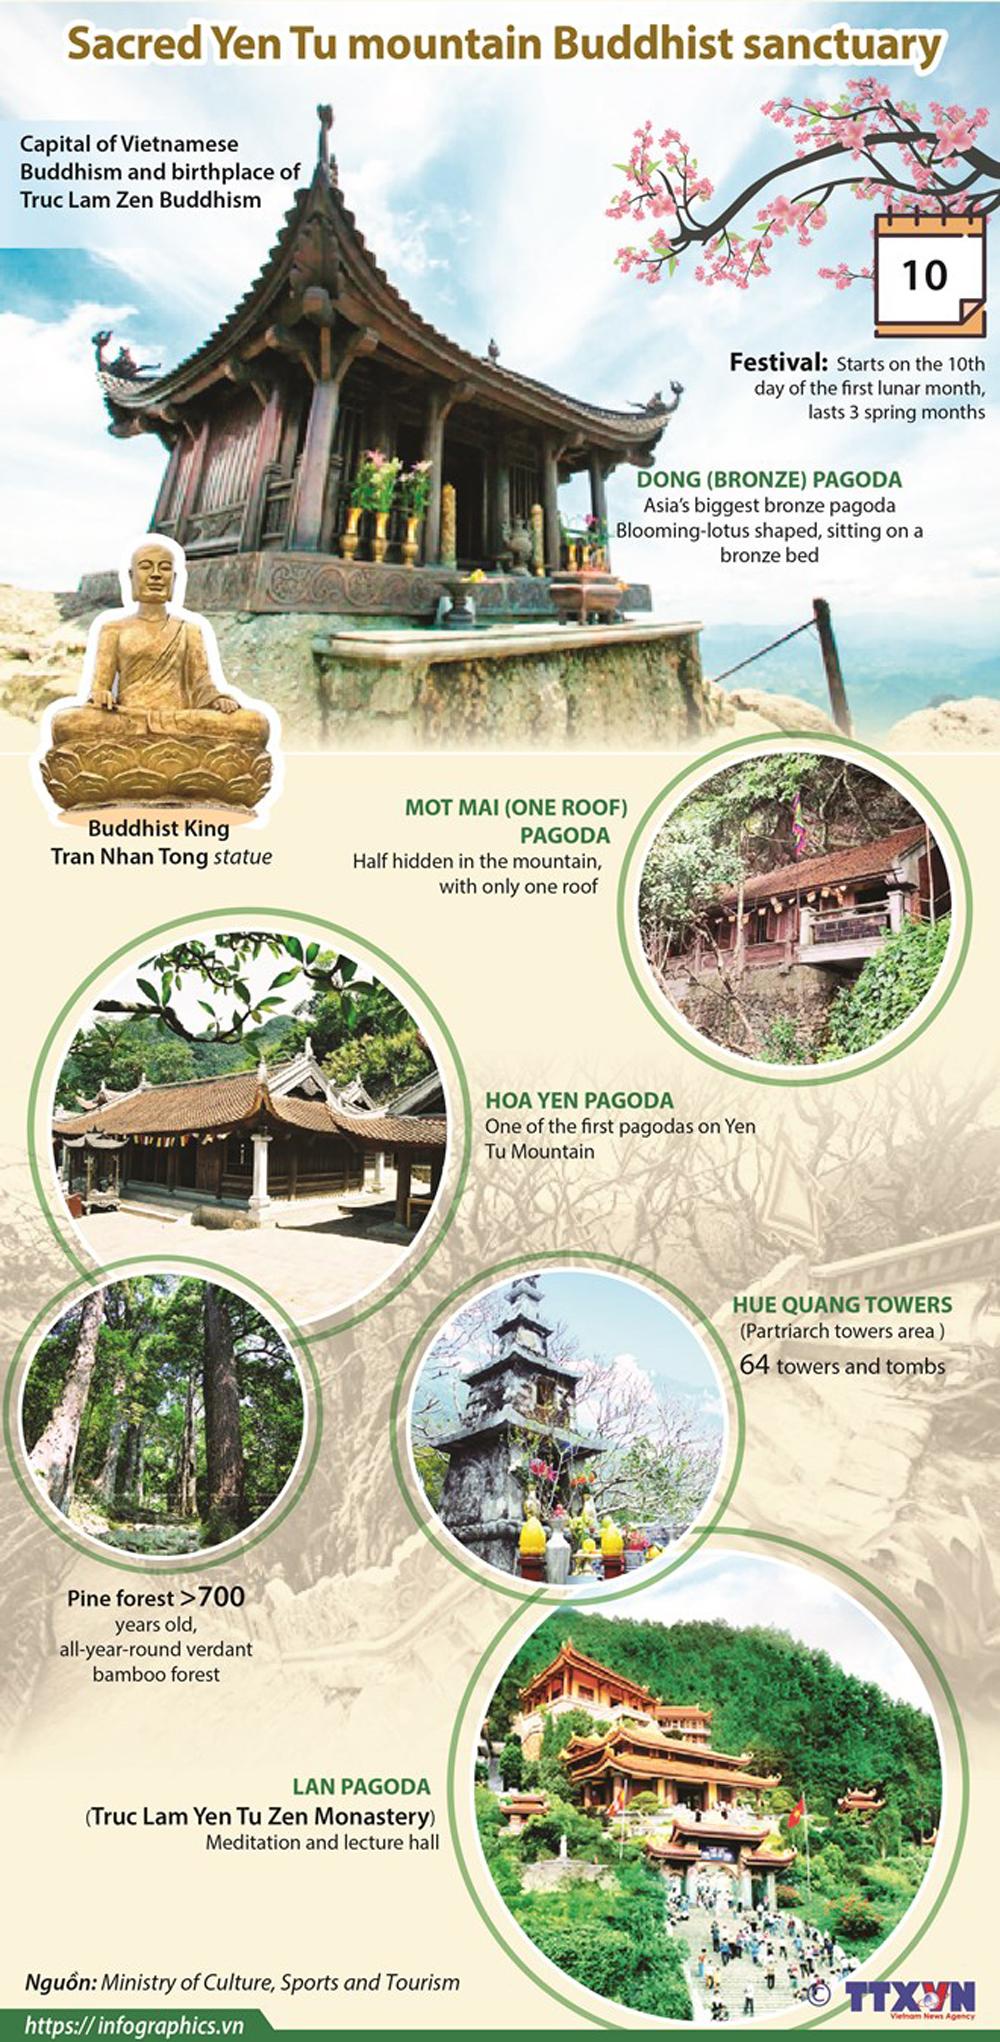 Yen Tu Mountain, Buddhist sanctuary, Bac Giang province, Hai Duong province, Tay Yen Tu, Quang Ninh province, popular destination